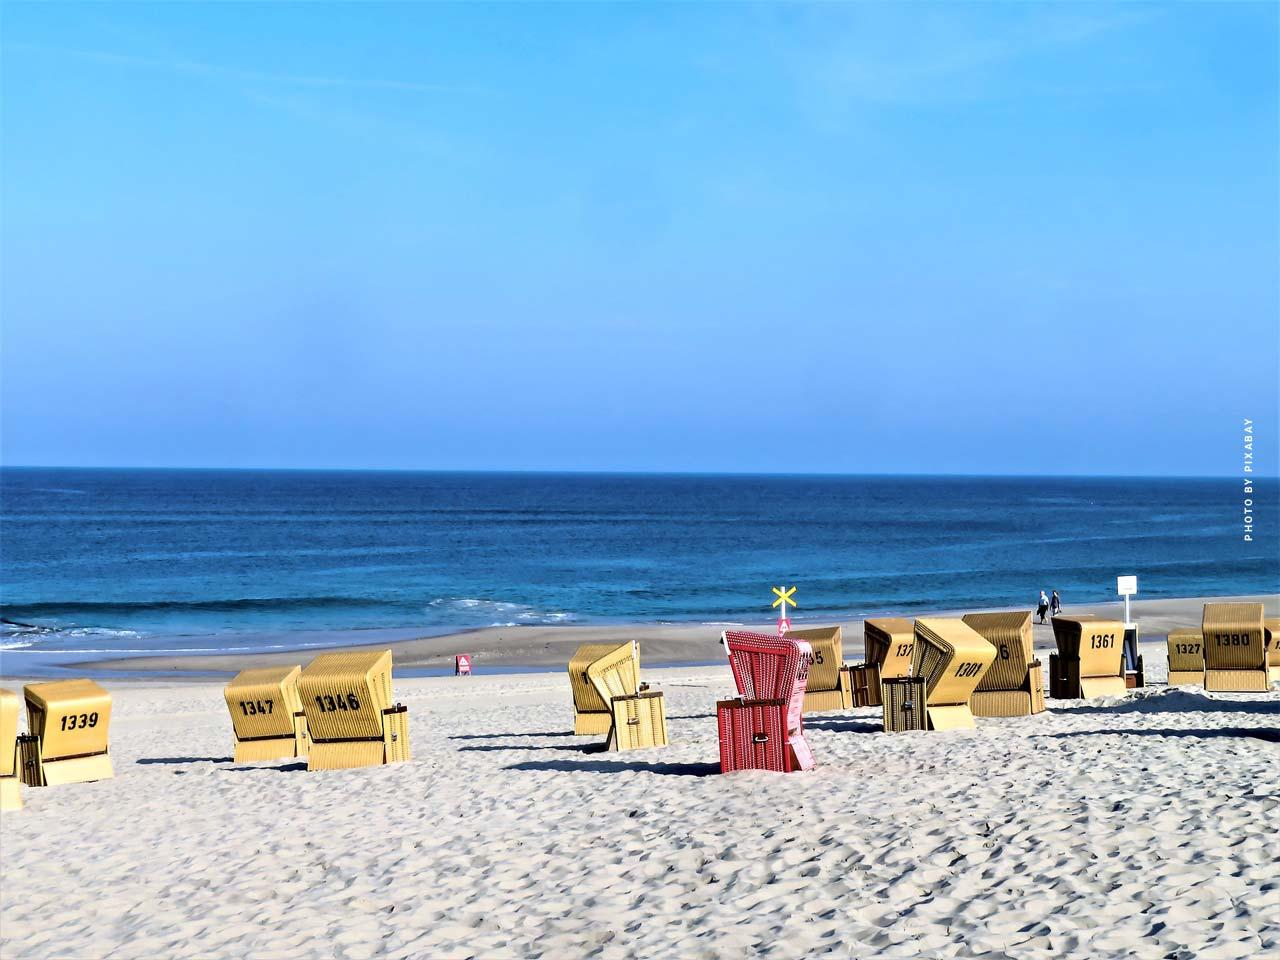 Nordsee Urlaub: Sehenswürdigkeiten, Ferienwohnungen & Häuser, Campingplätze & Co.